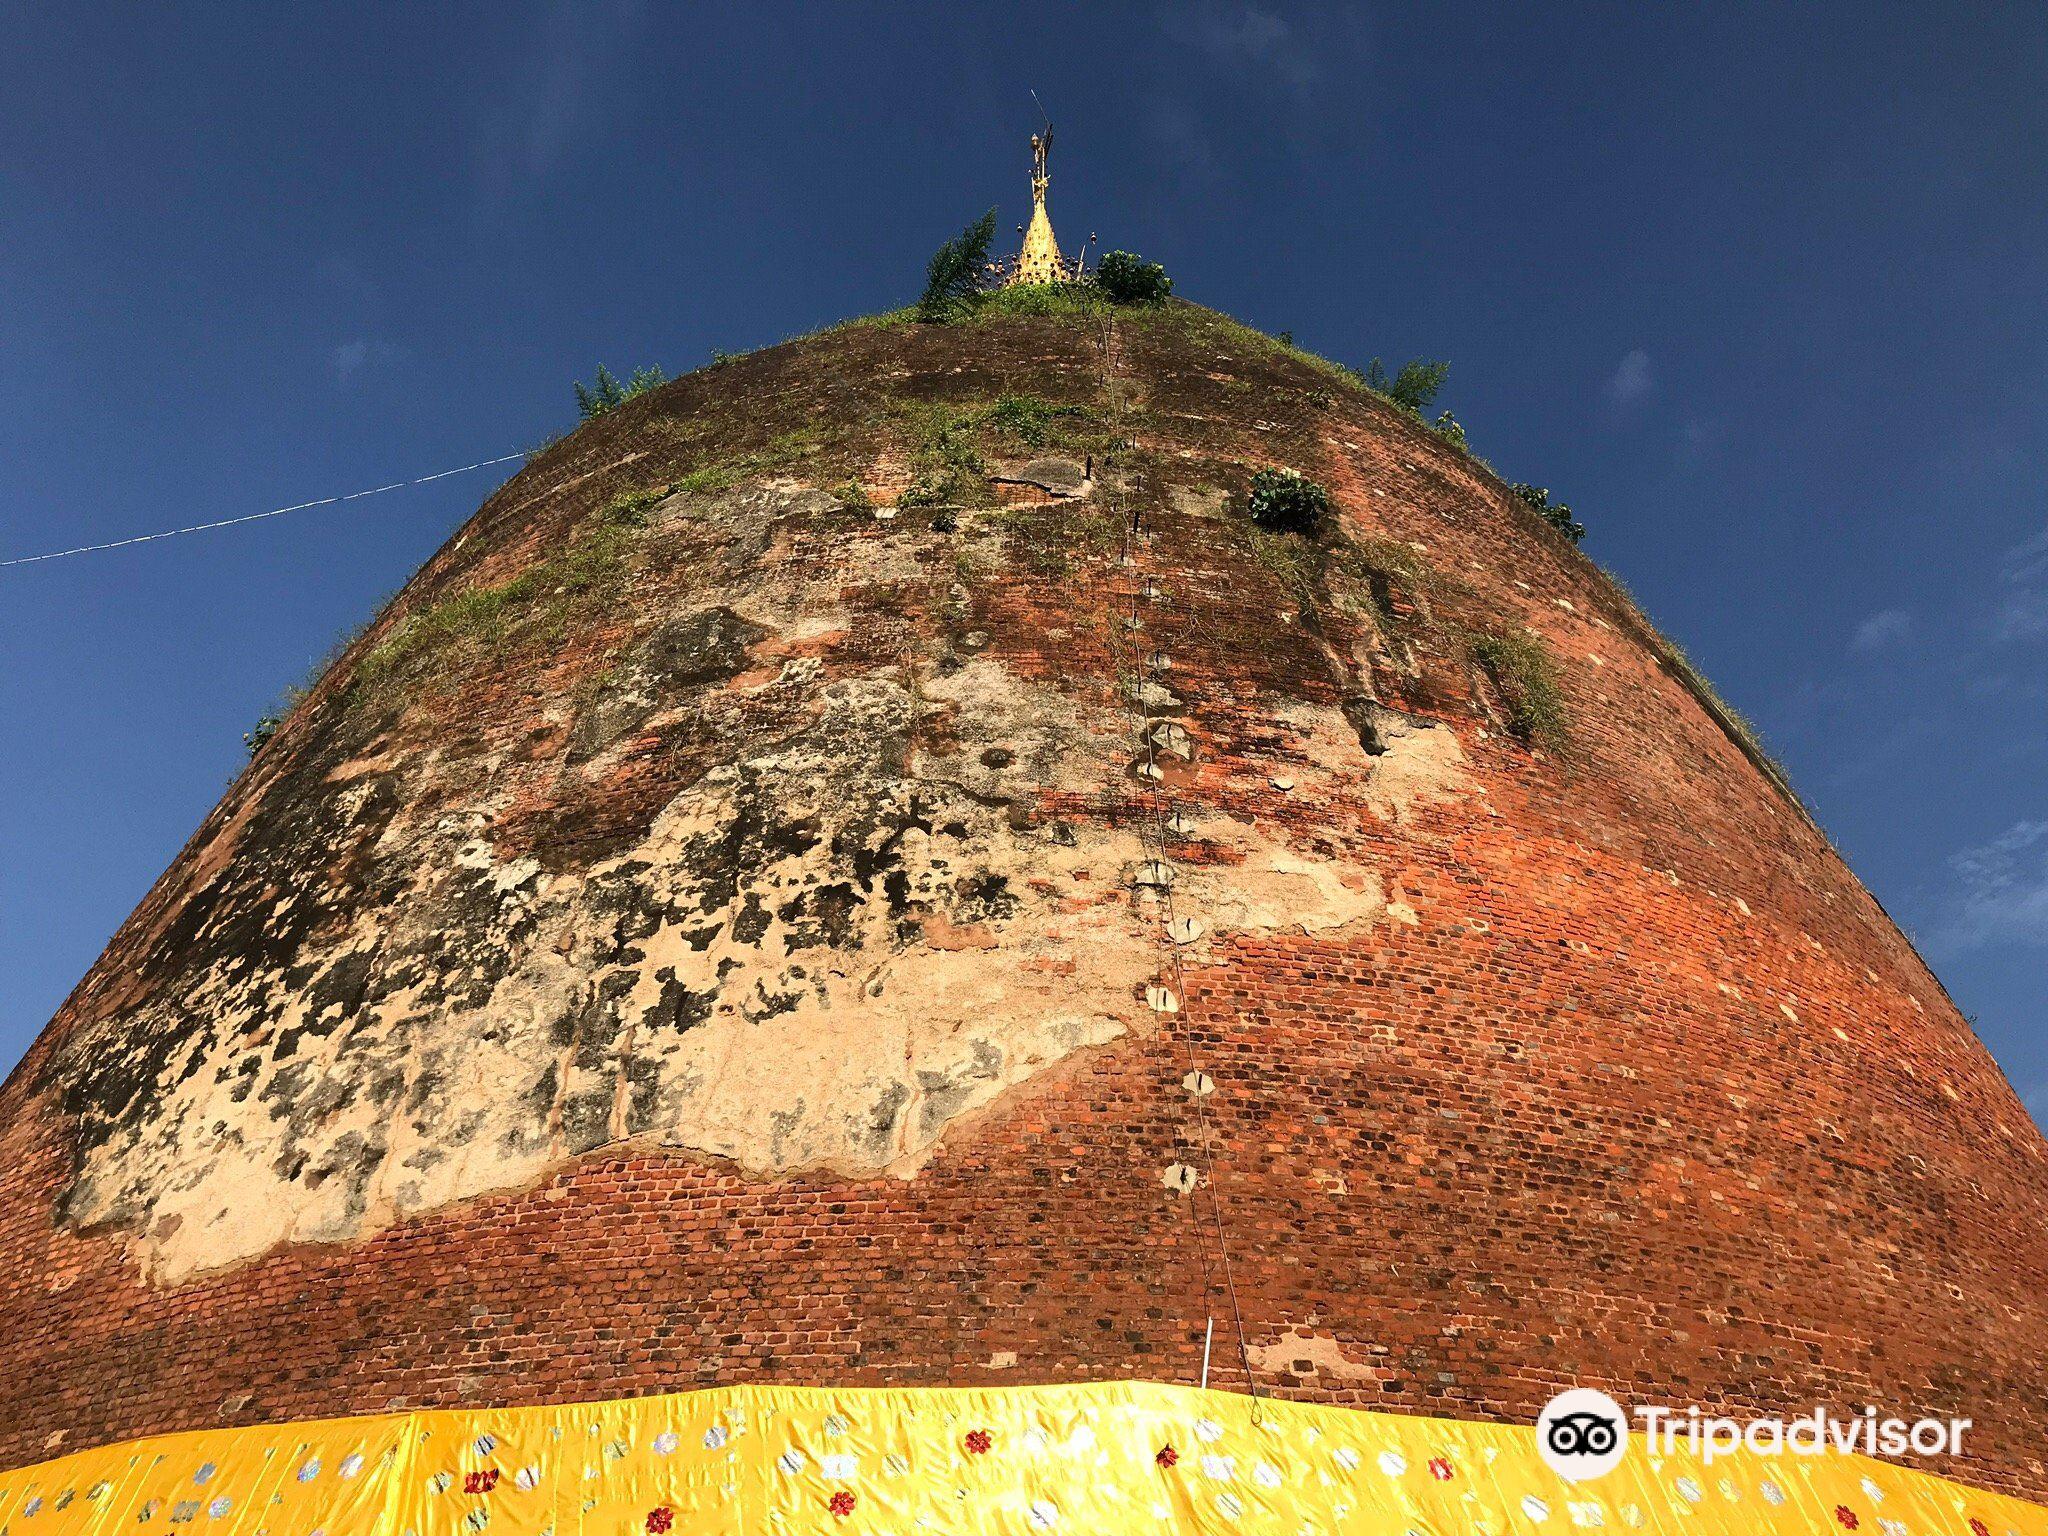 Hpayama Pagoda